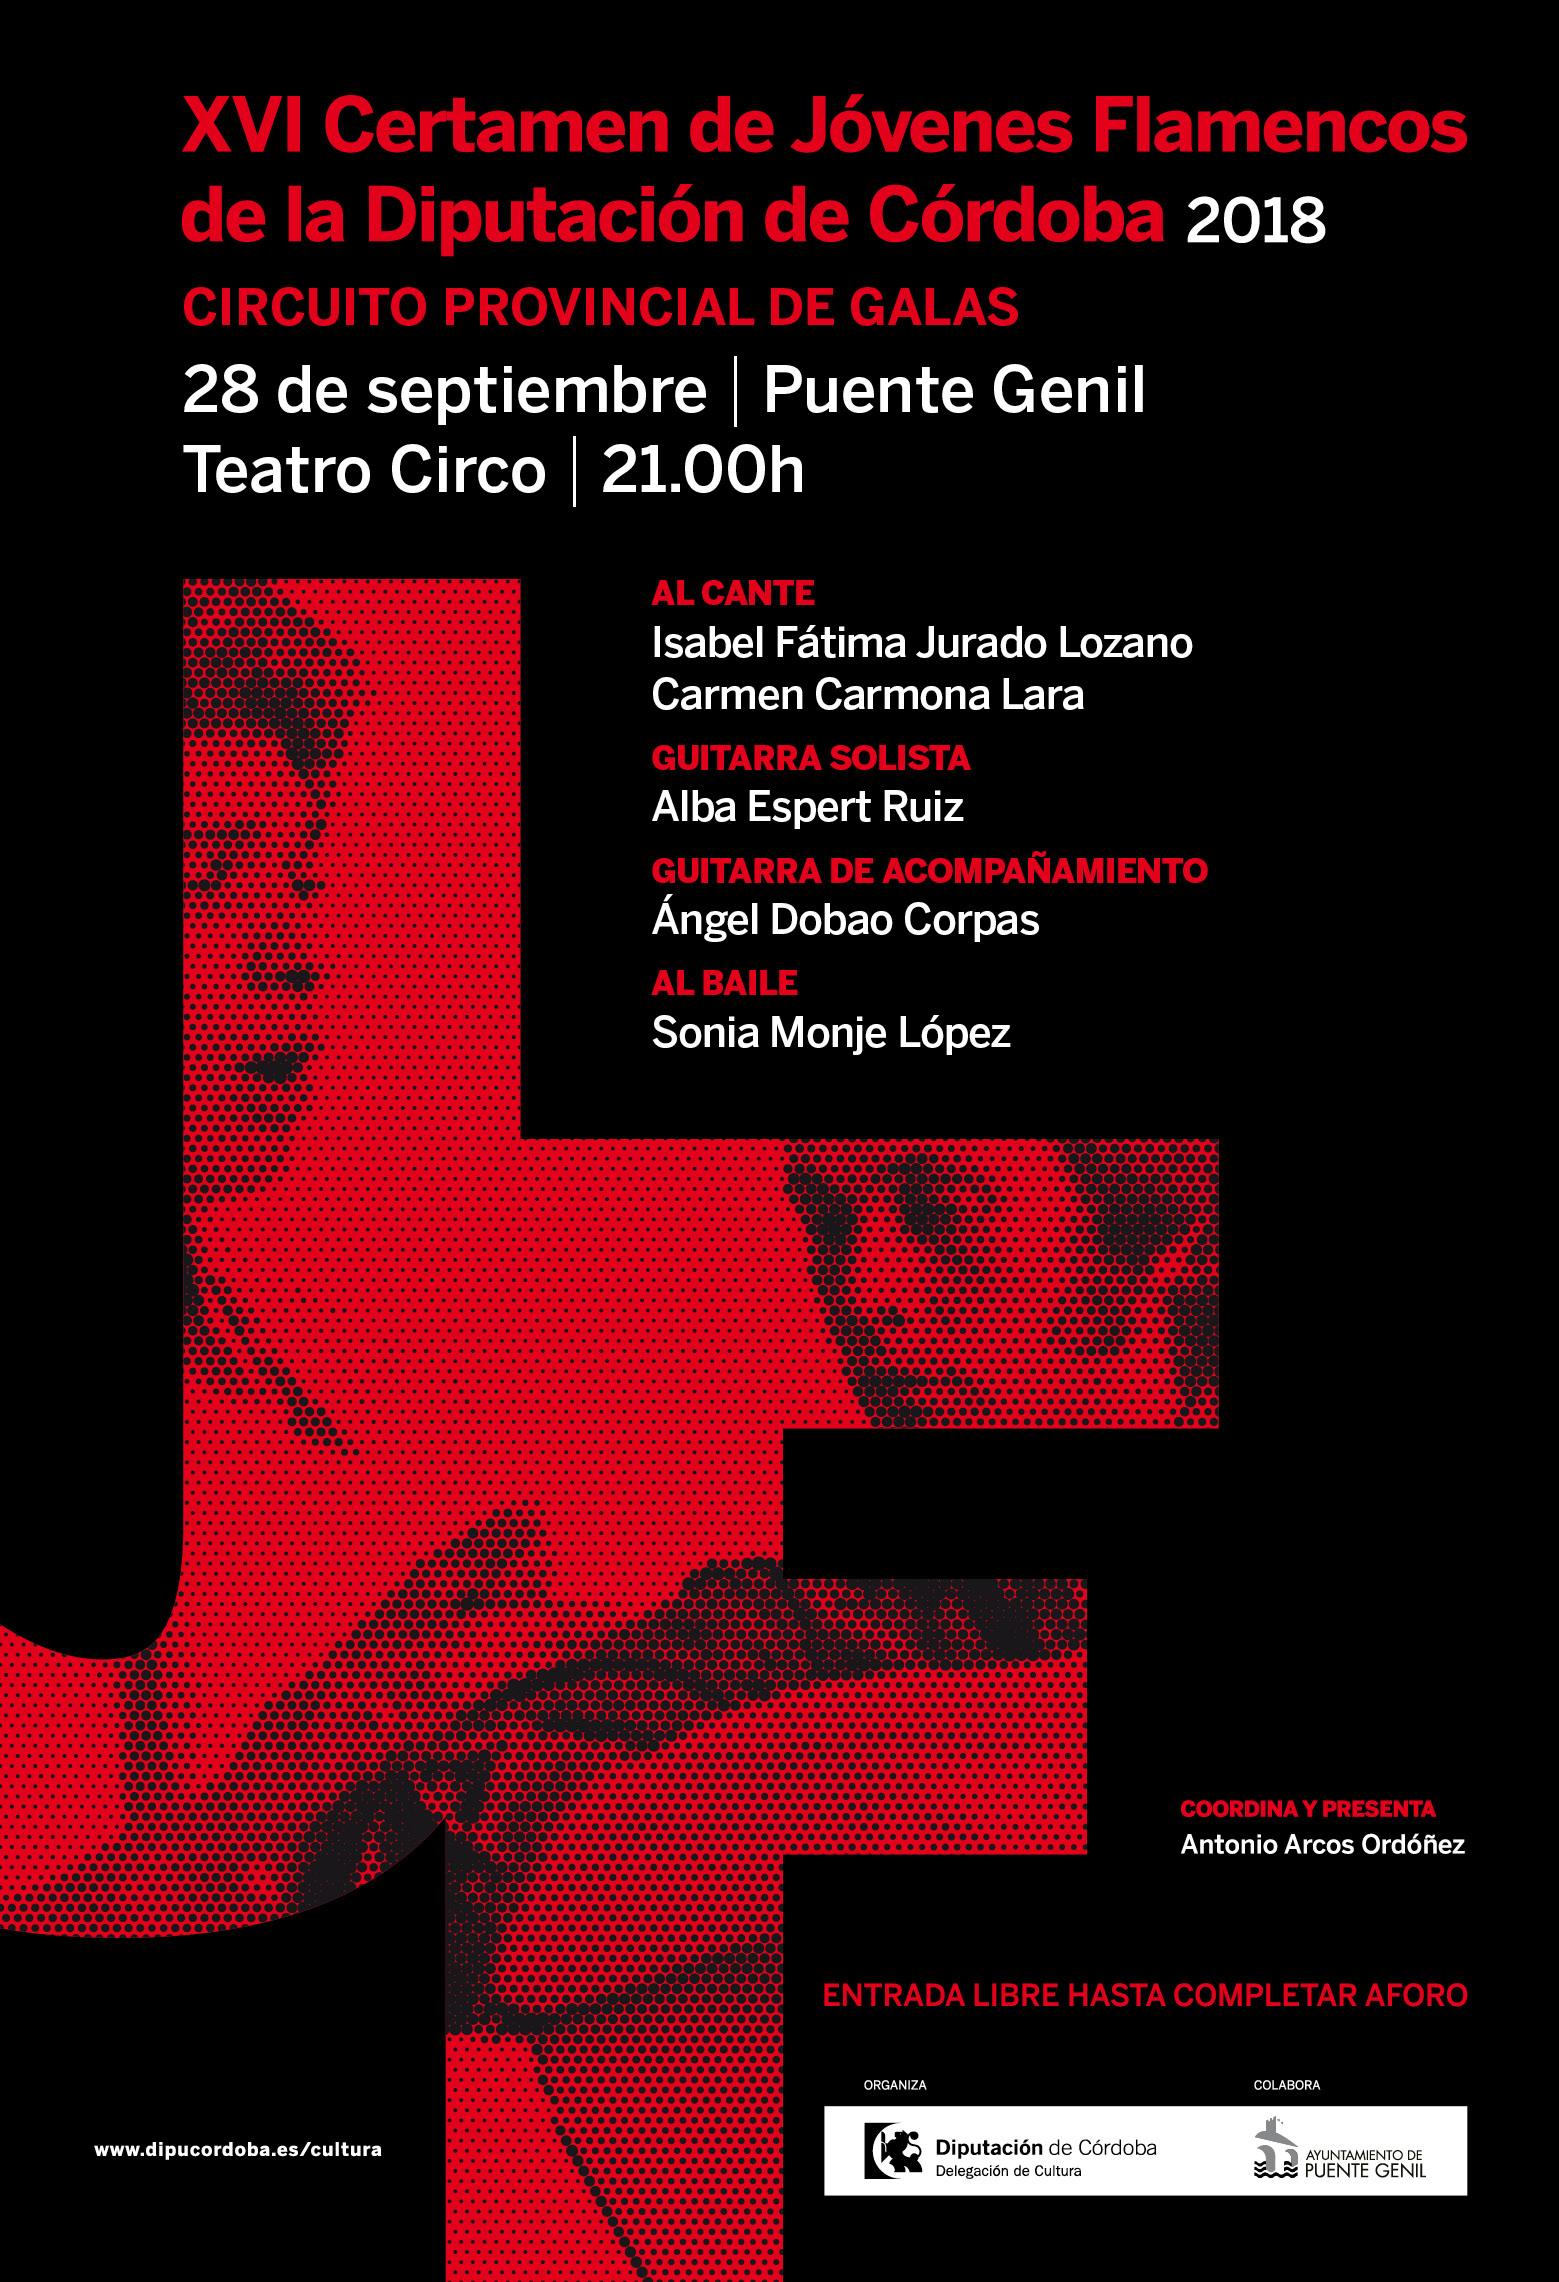 Gala del XVI Certamen de Jóvenes Flamencos